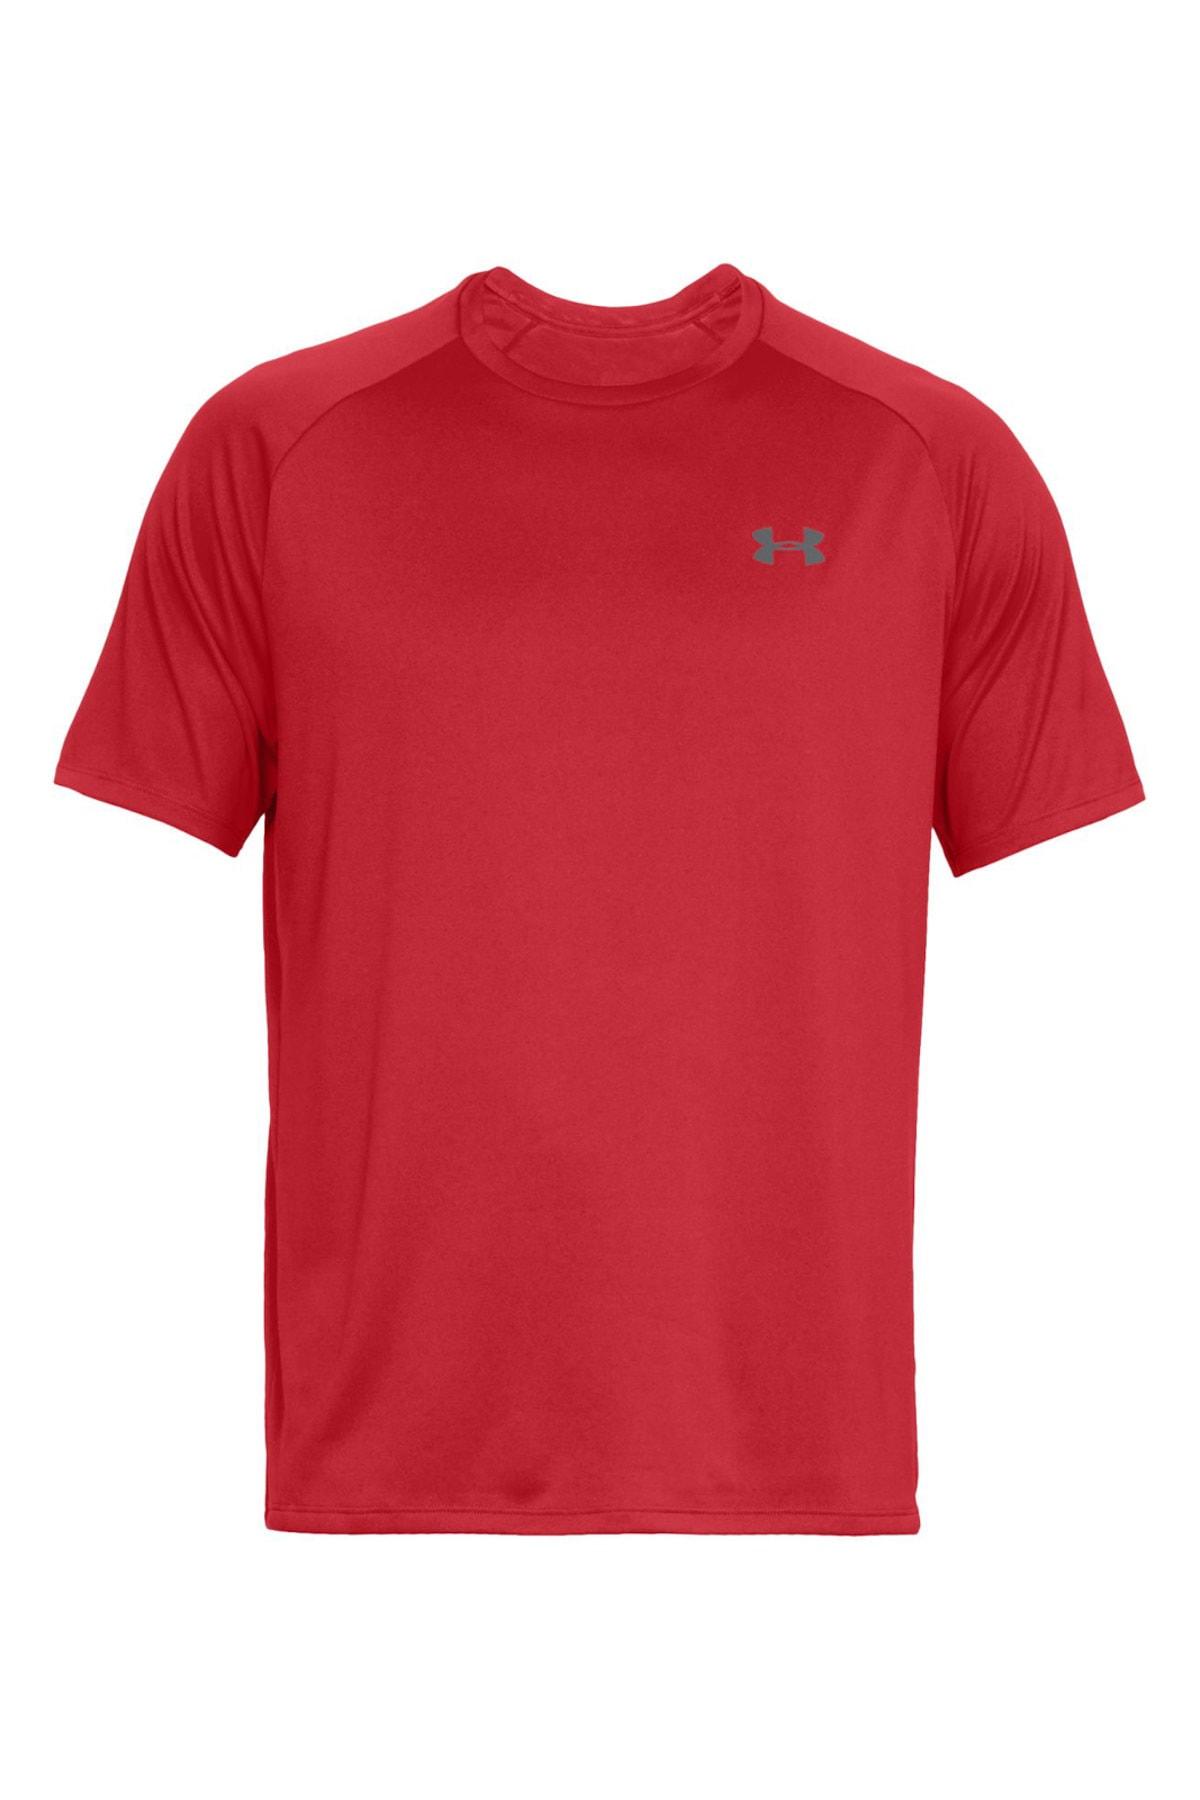 Under Armour Erkek Spor T-Shirt - Ua Tech 2.0 Ss Tee - 1326413-600 1